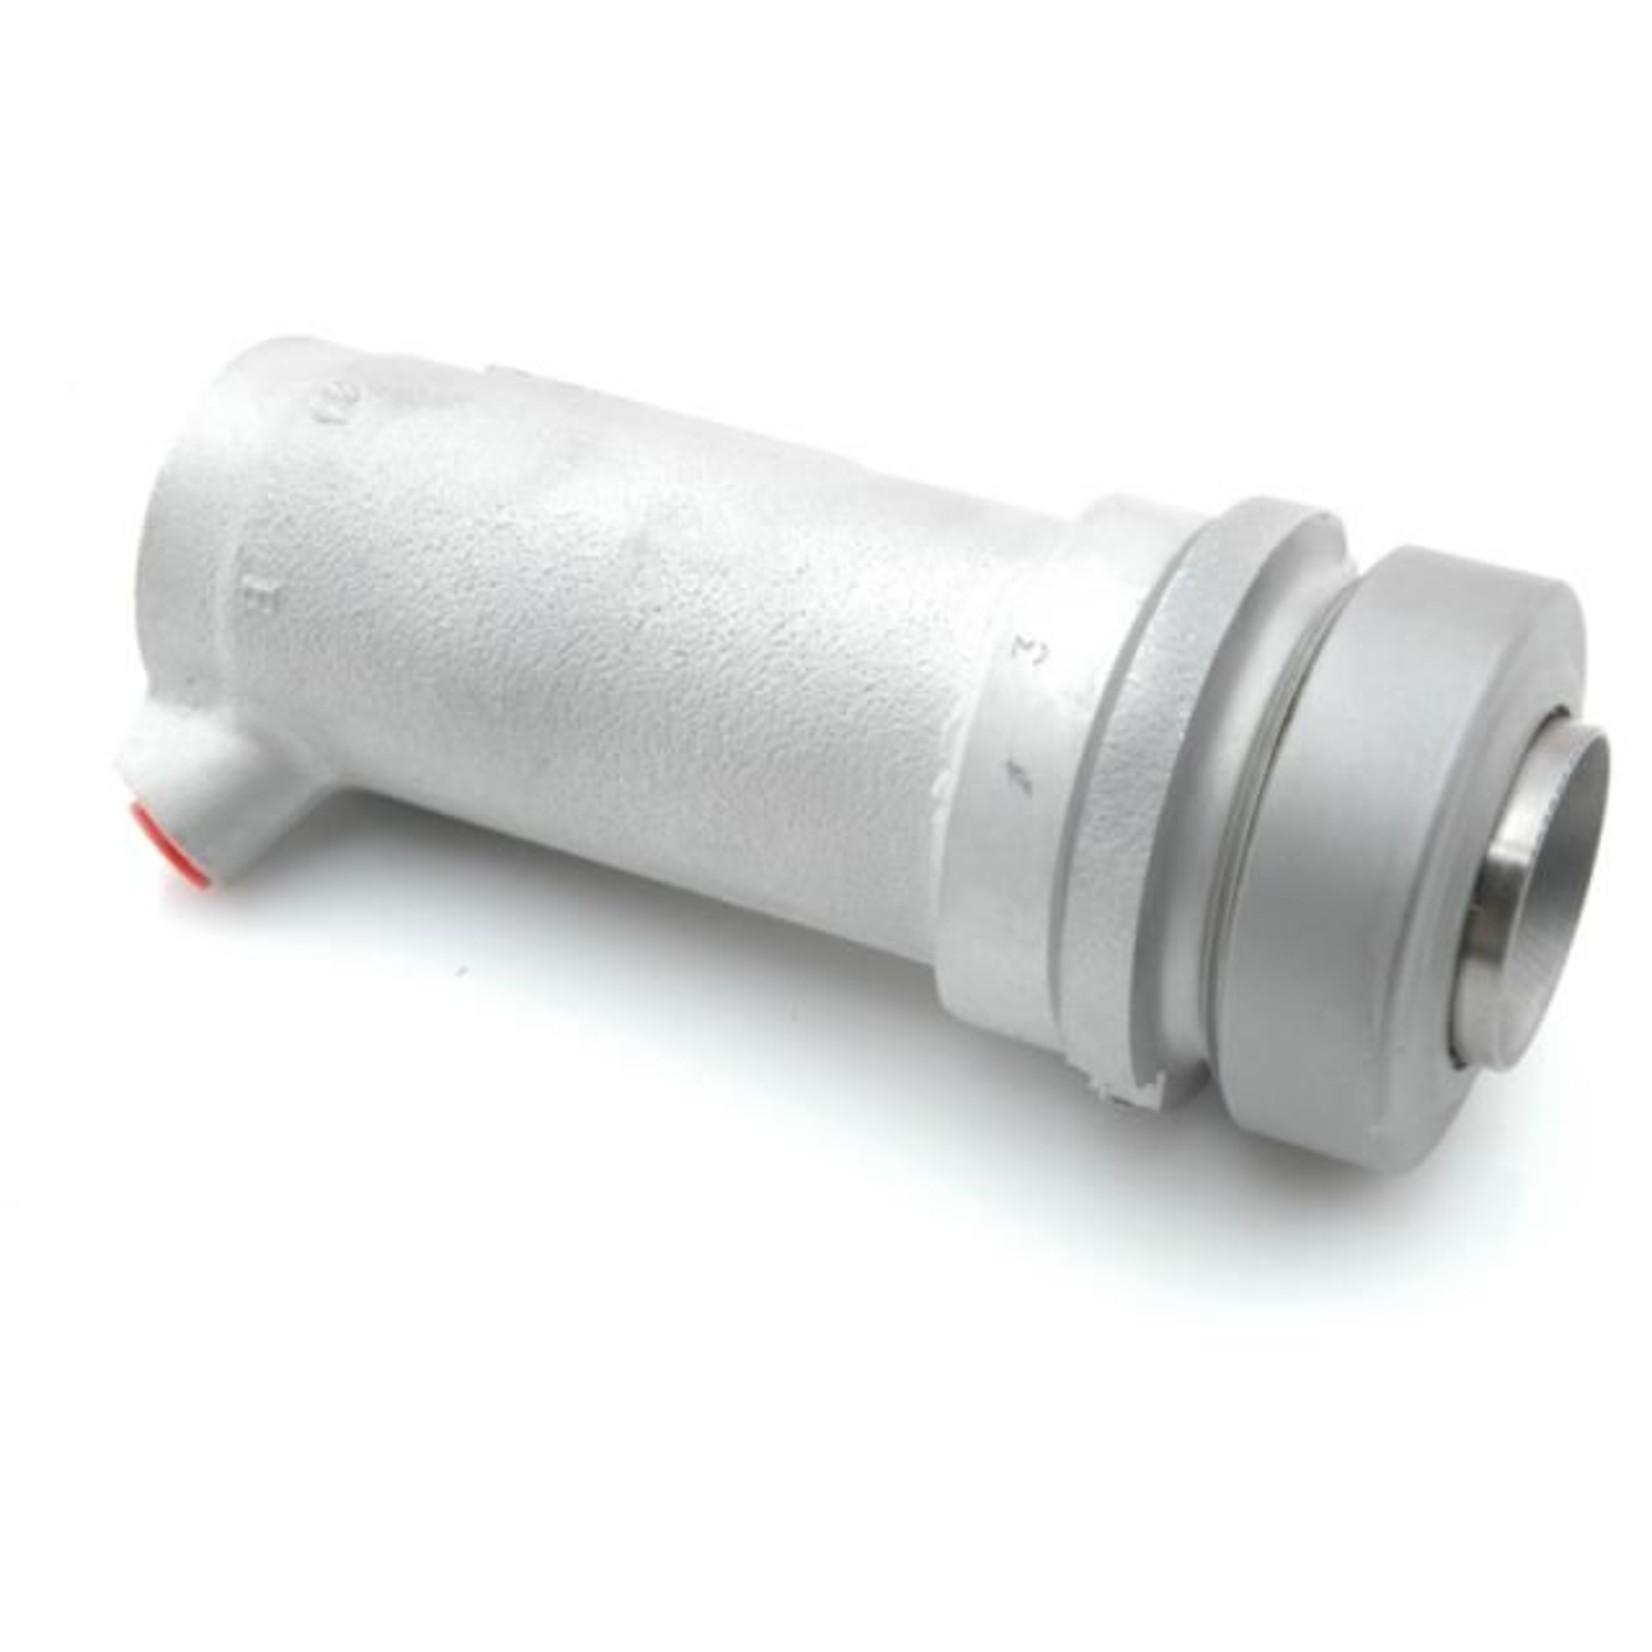 Cilindro de suspensión delantera derecha reaconditionado LHM Nr Org: DXN434016